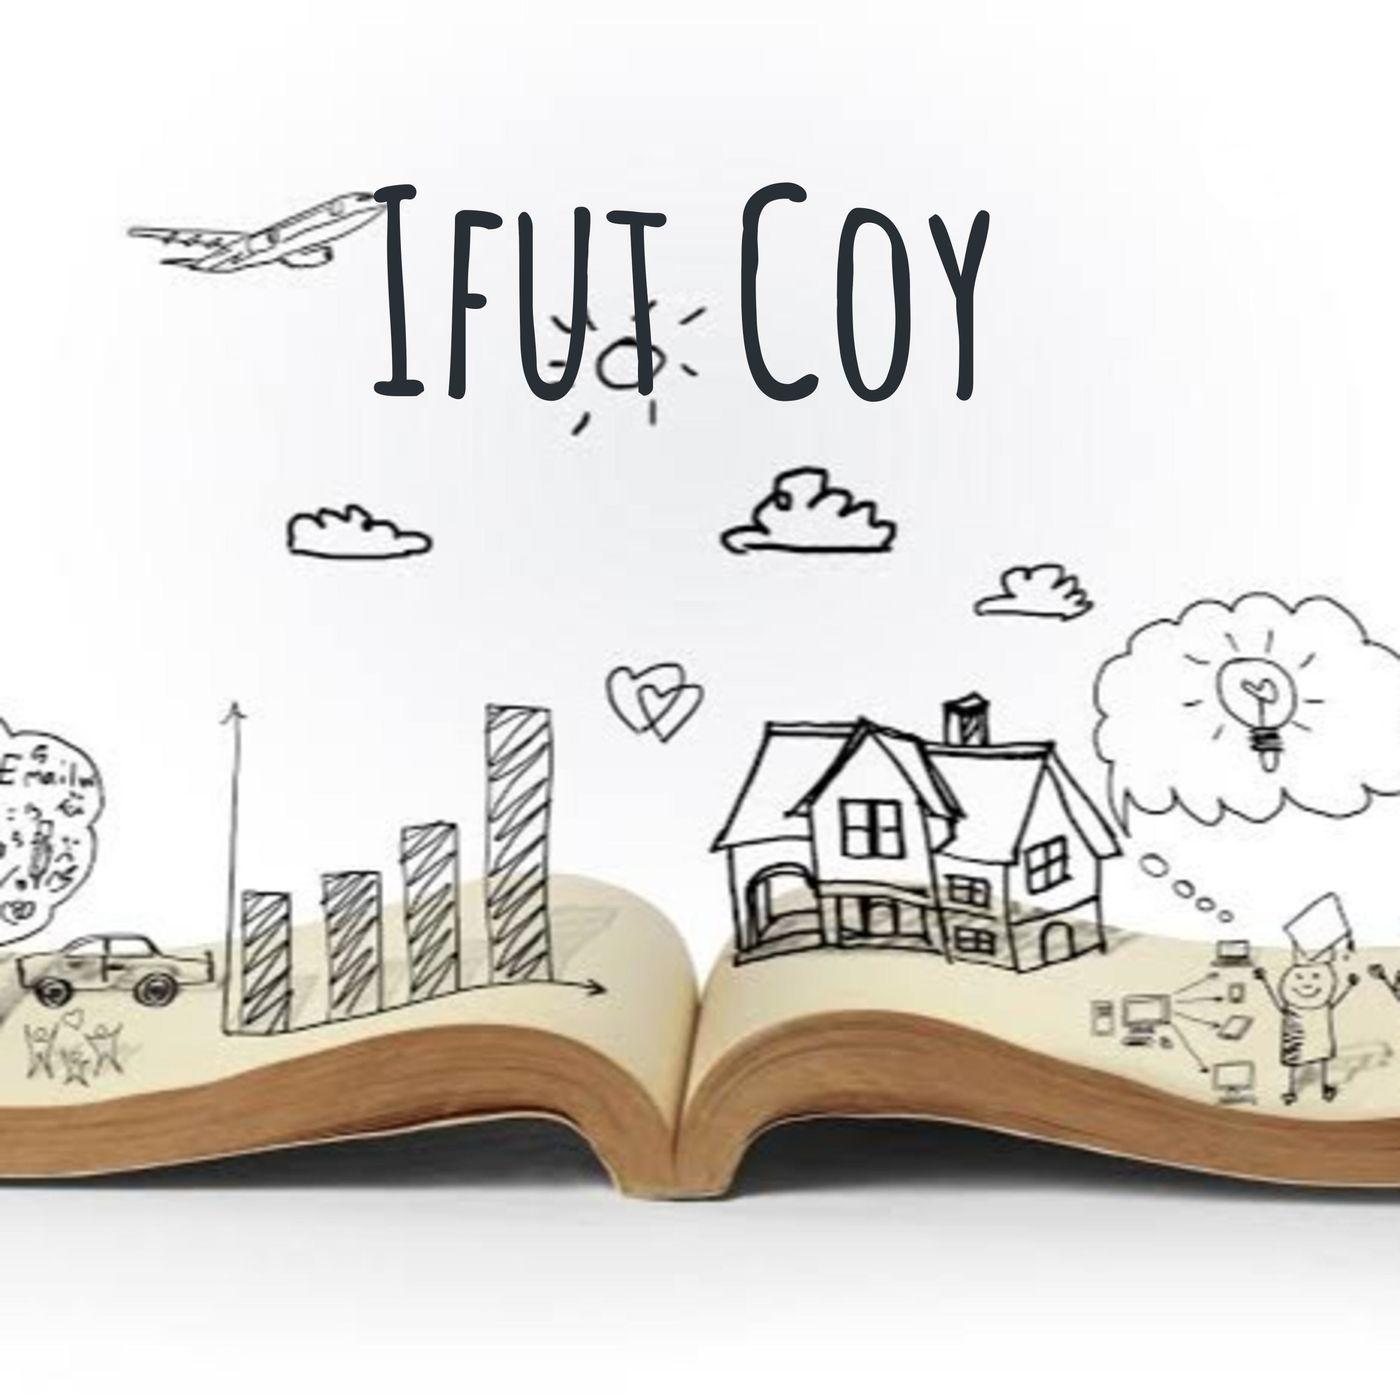 Ifut Coy